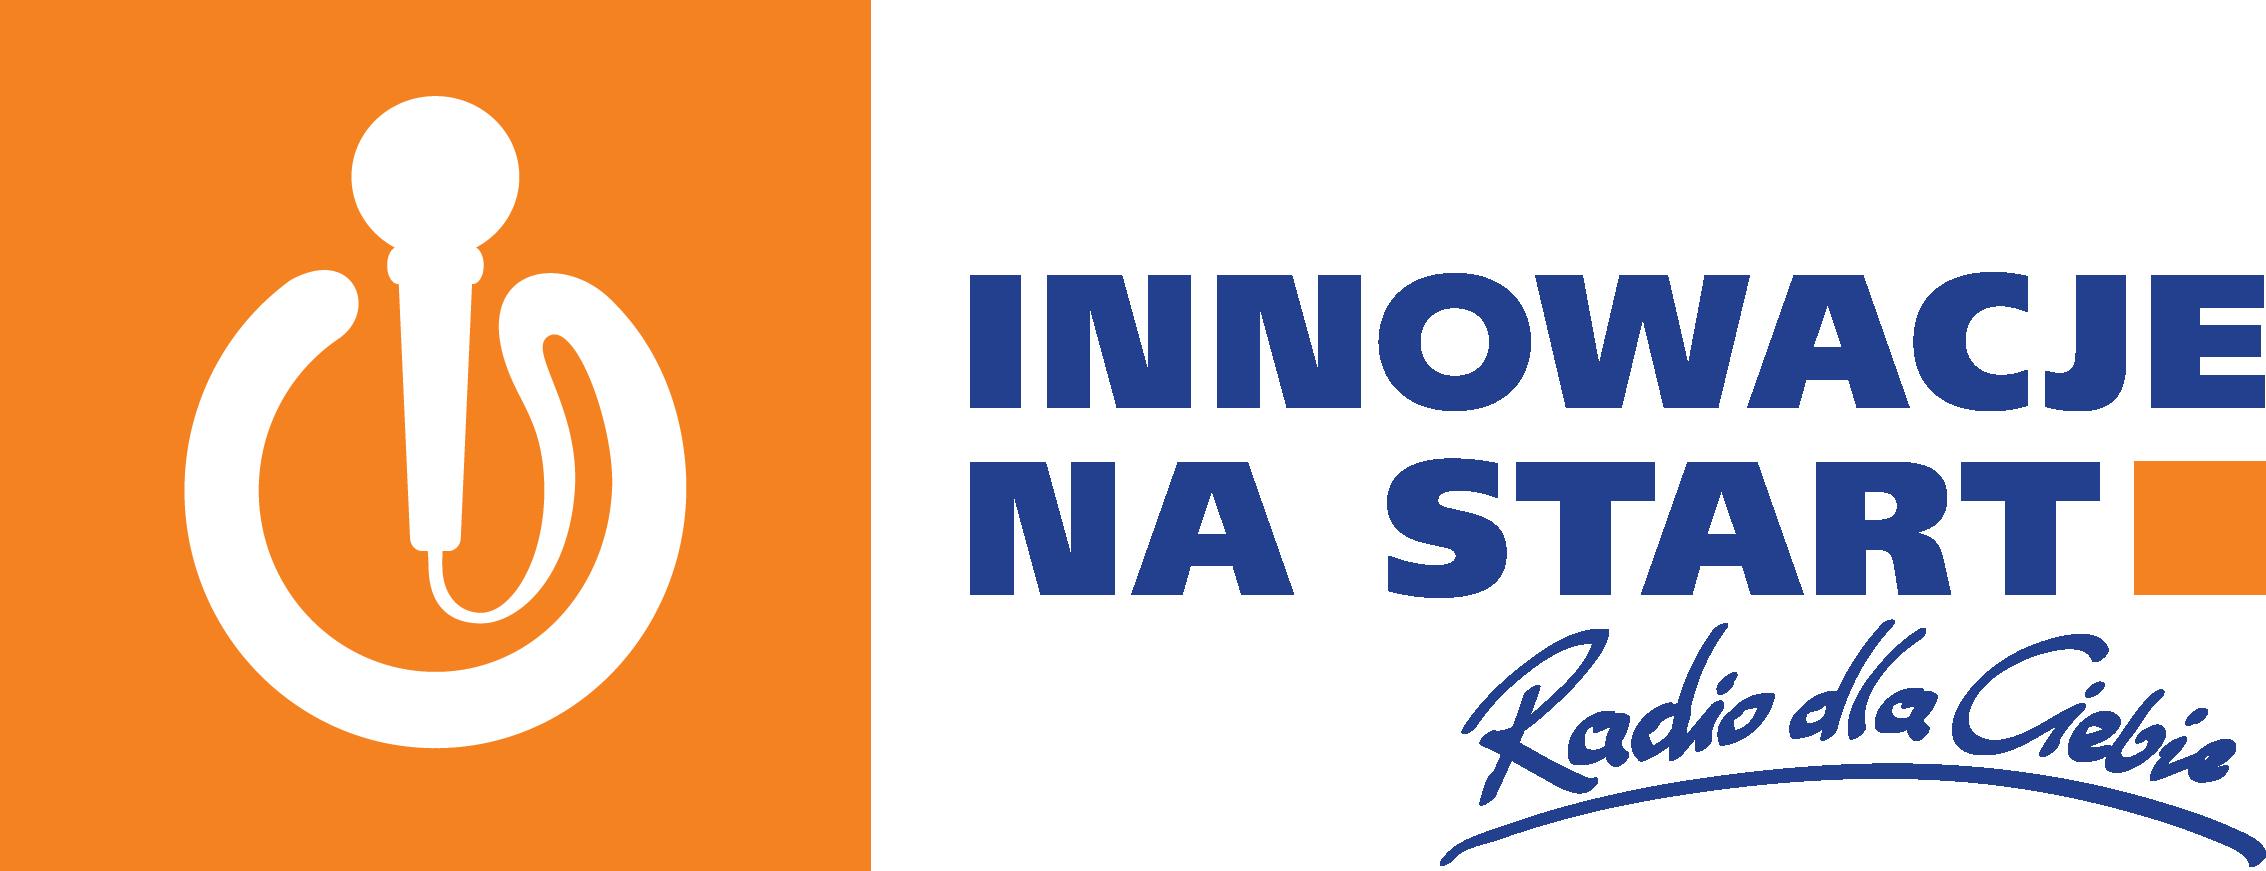 Innowacje na start